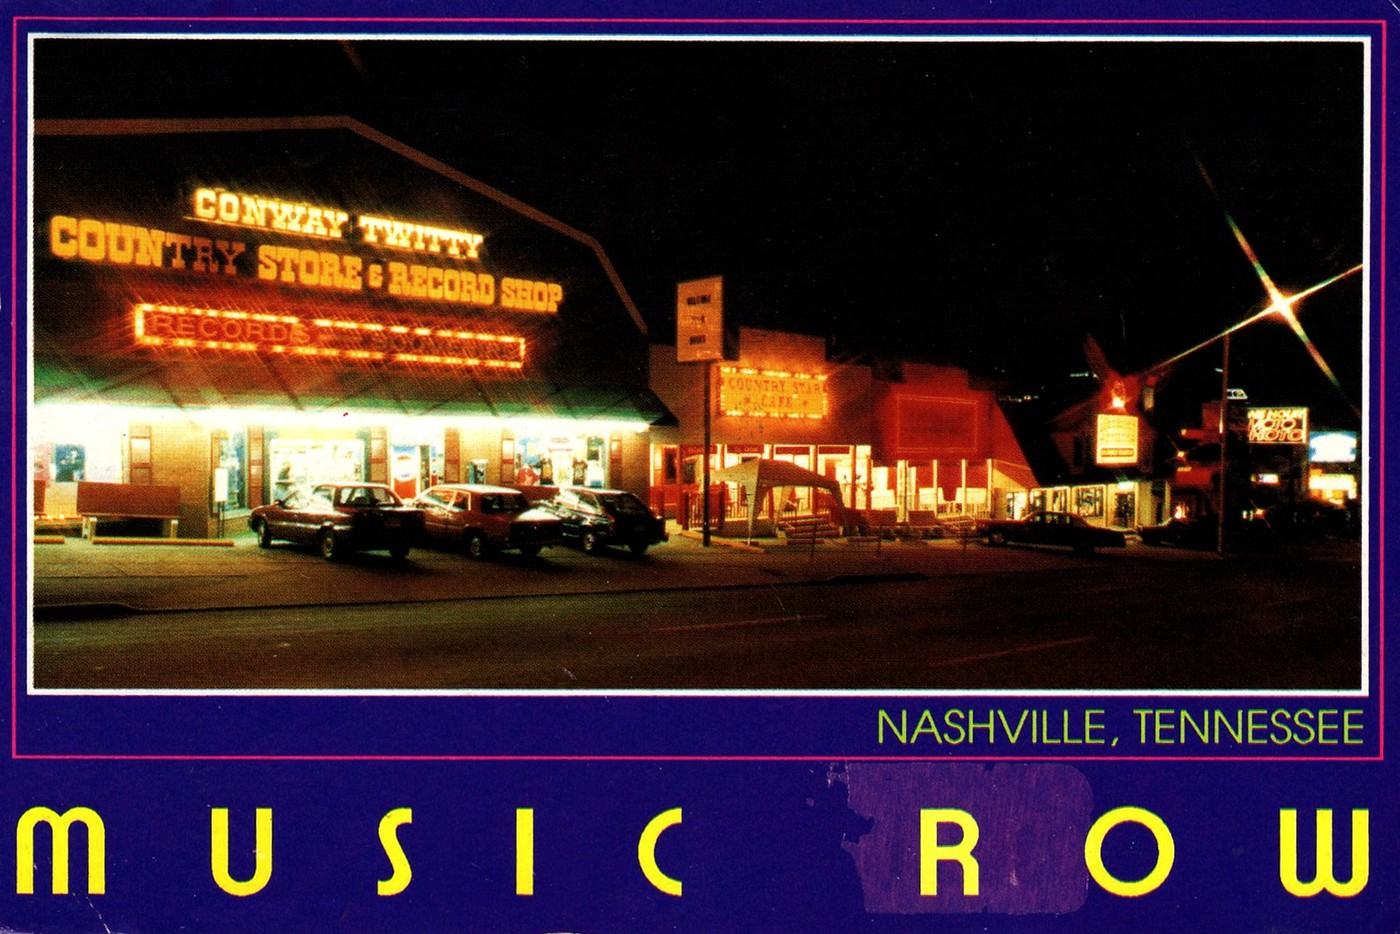 Nashville Music Row